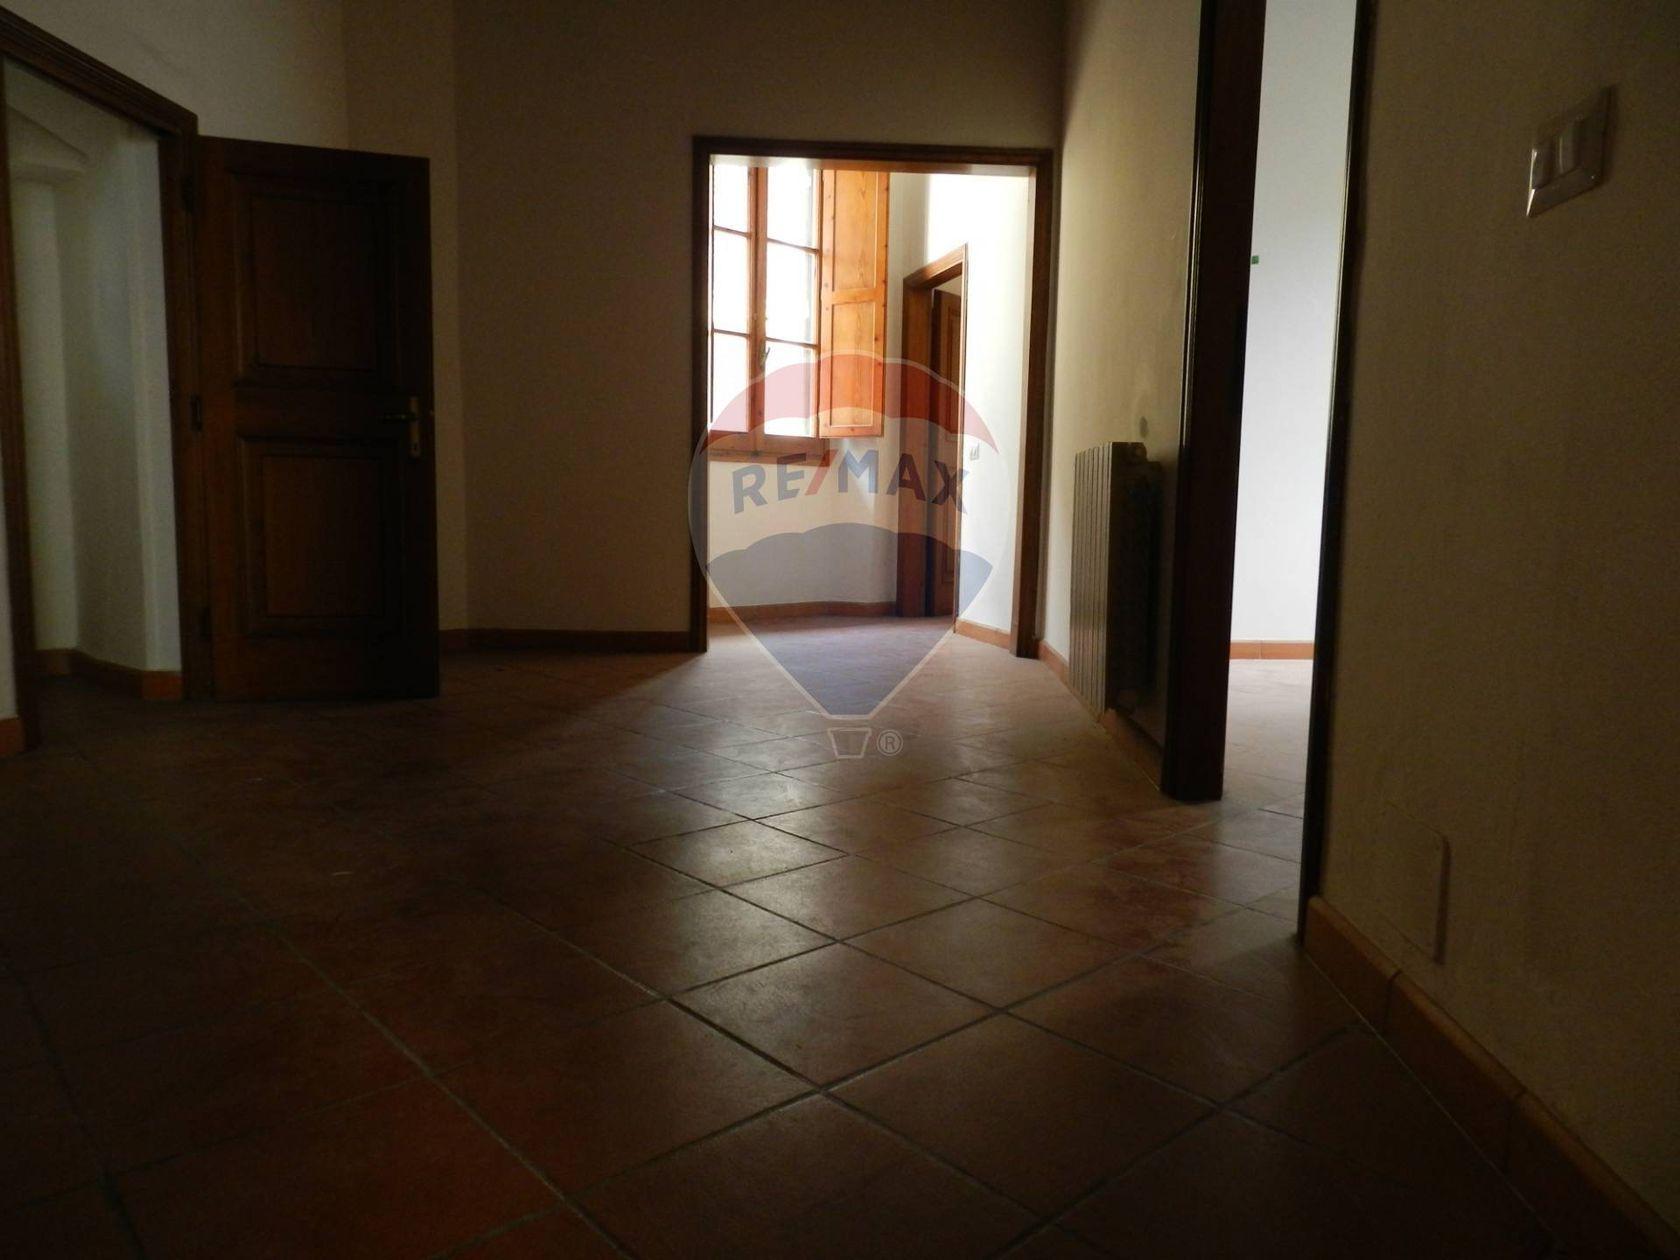 Appartamento Centro Duomo, Firenze, FI Vendita - Foto 17